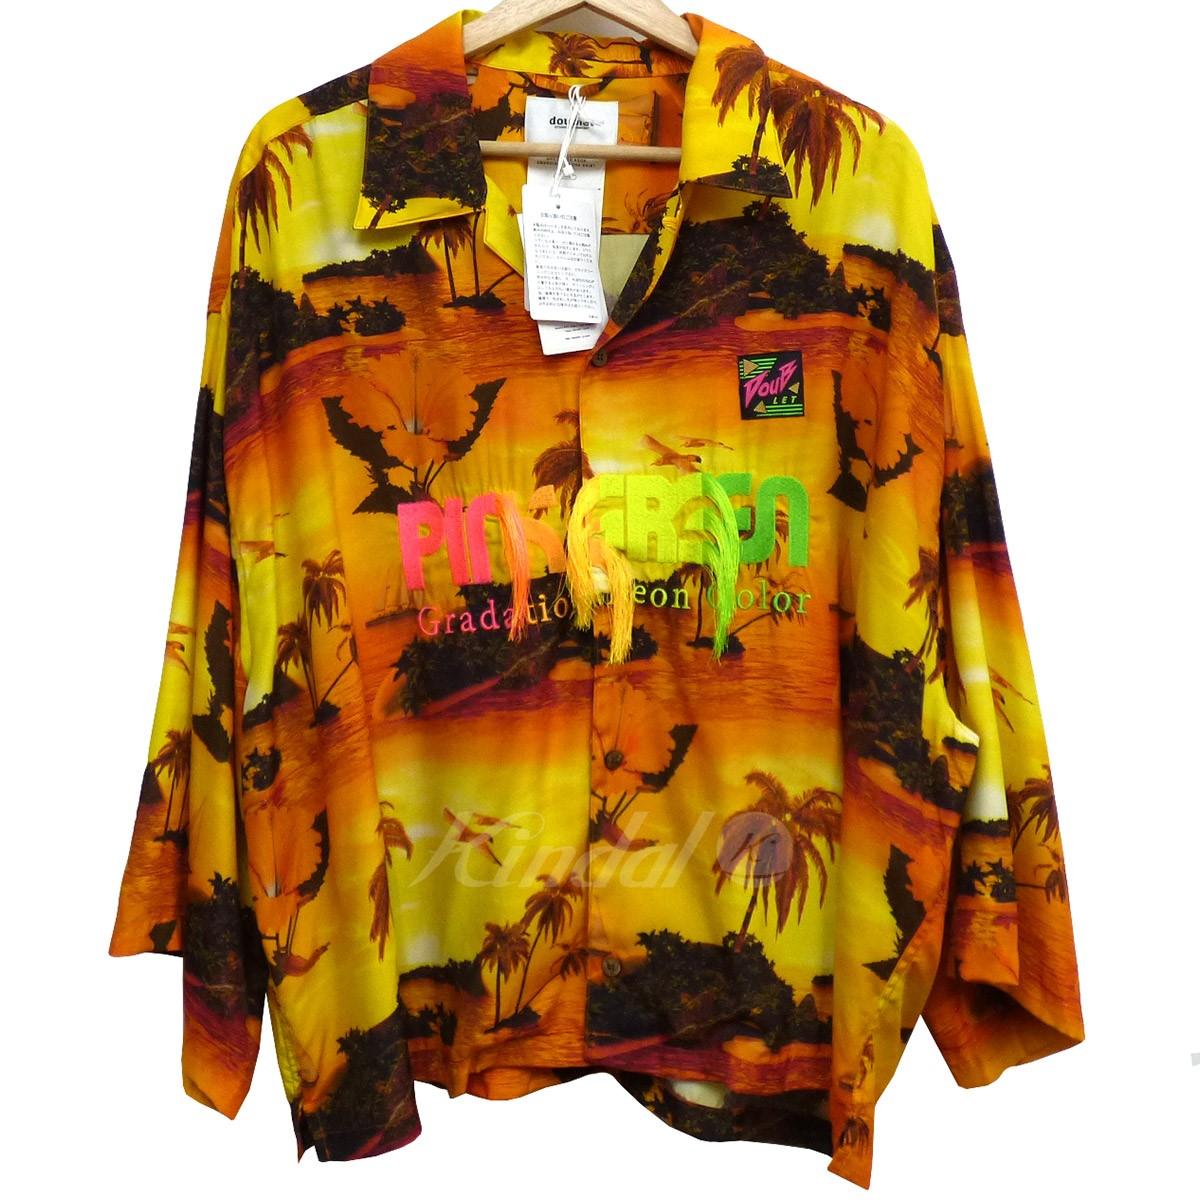 【中古】doublet 19SS GRADITION NEON EMBROIDERY ALOHA SHIRTアロハシャツ オレンジ サイズ:XL 【170519】(ダブレット)